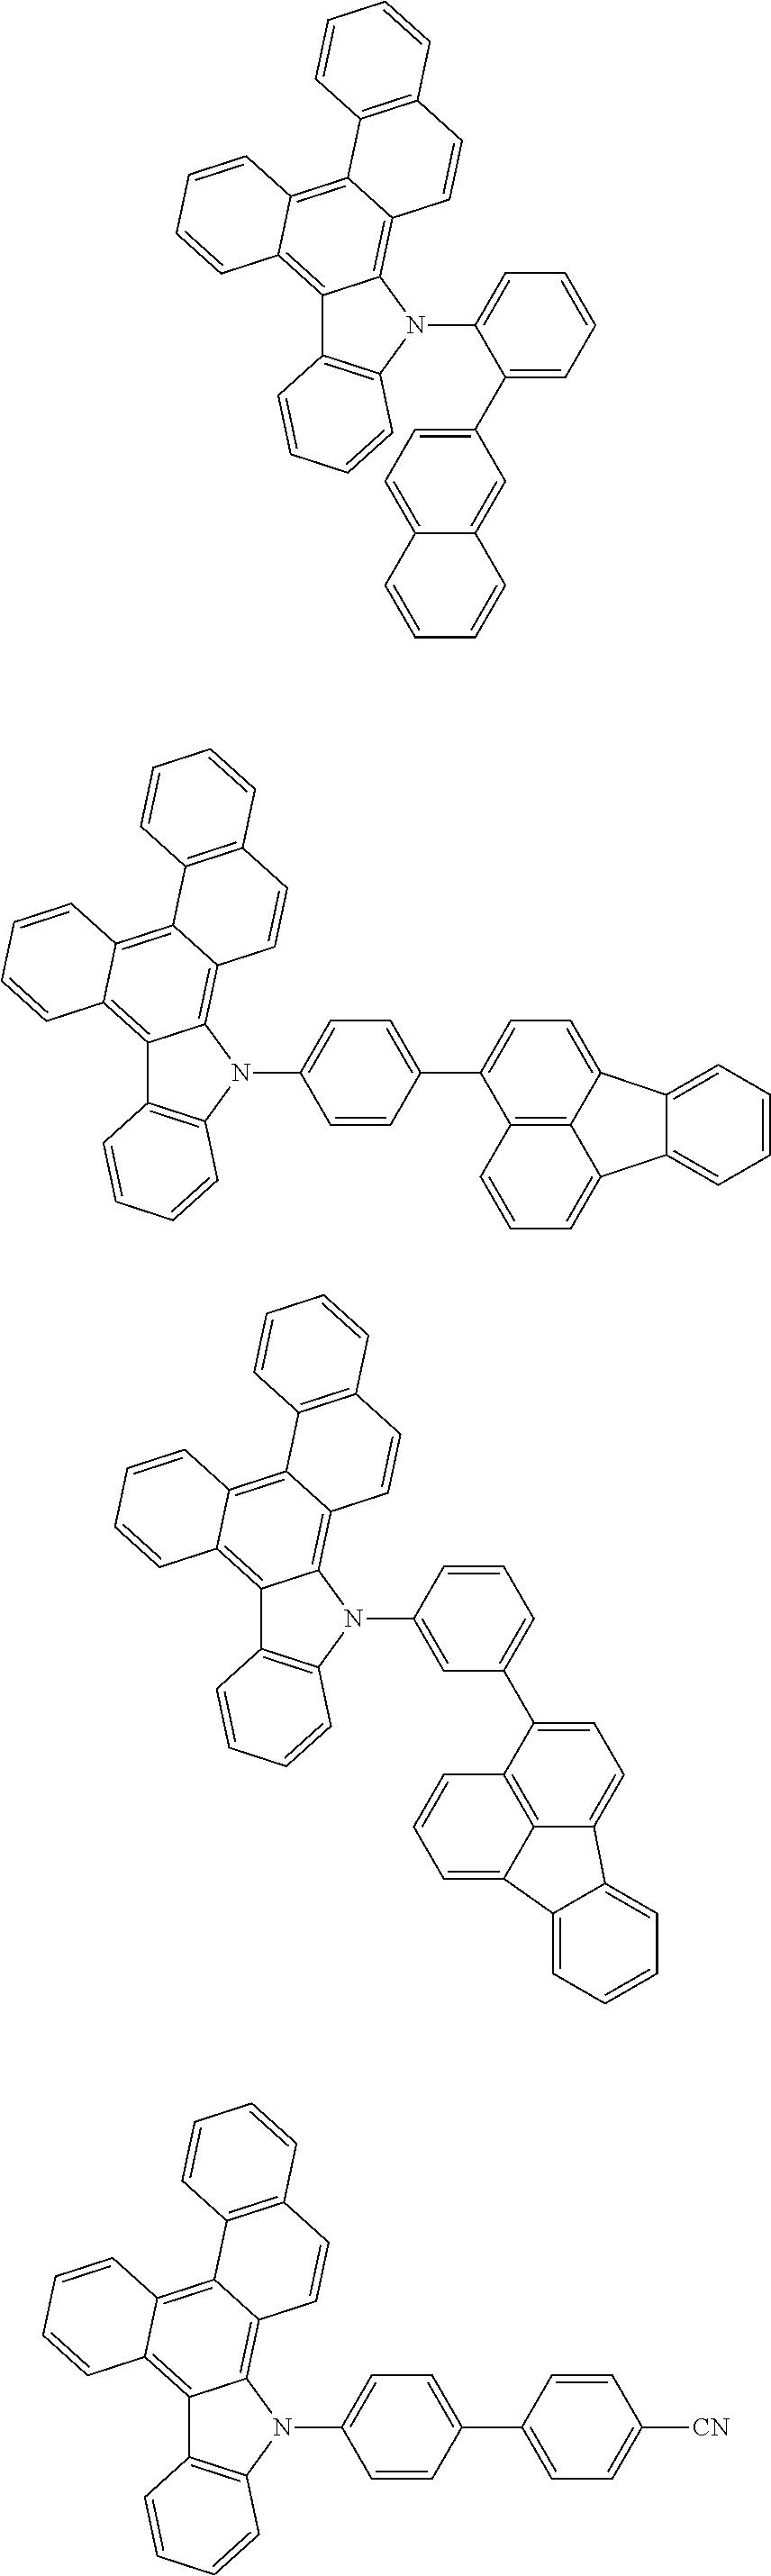 Figure US09837615-20171205-C00041